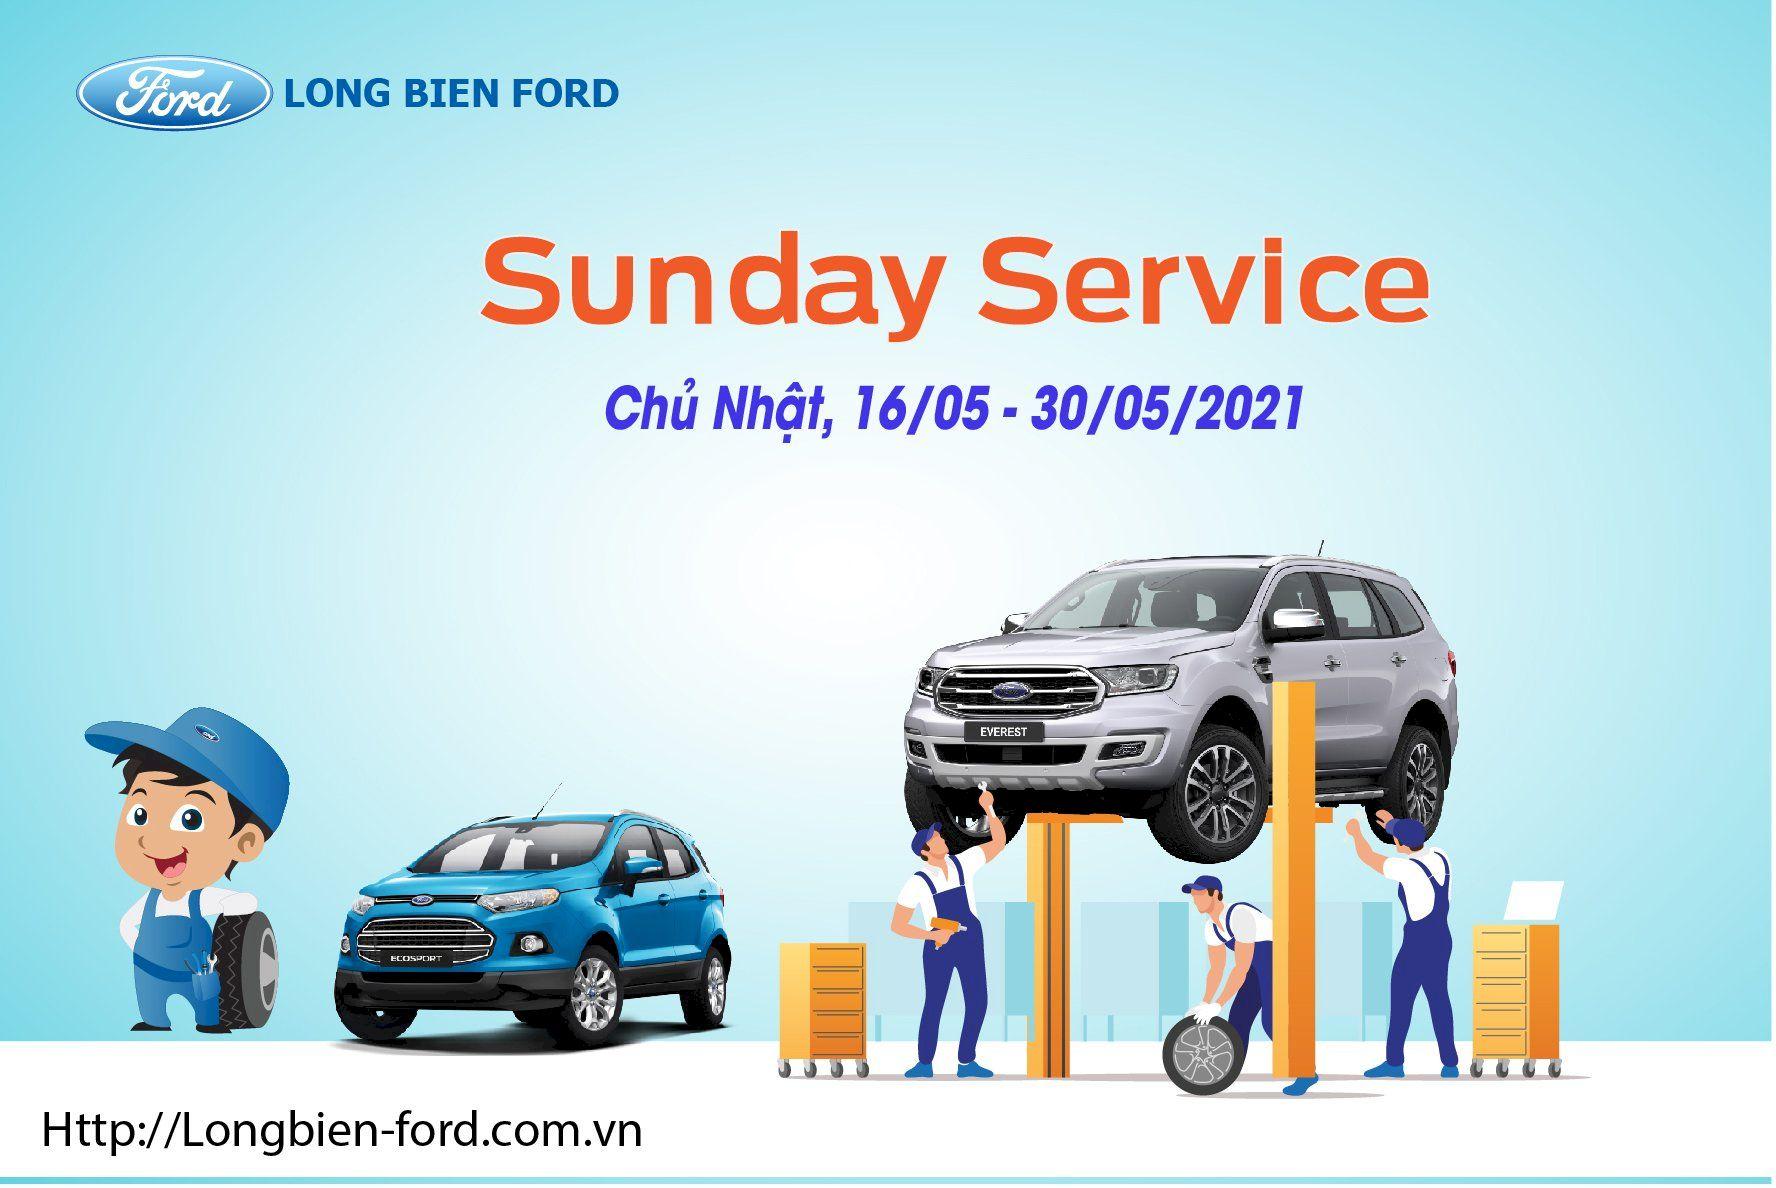 SUNDAY SERVICE THÁNG 5/2021